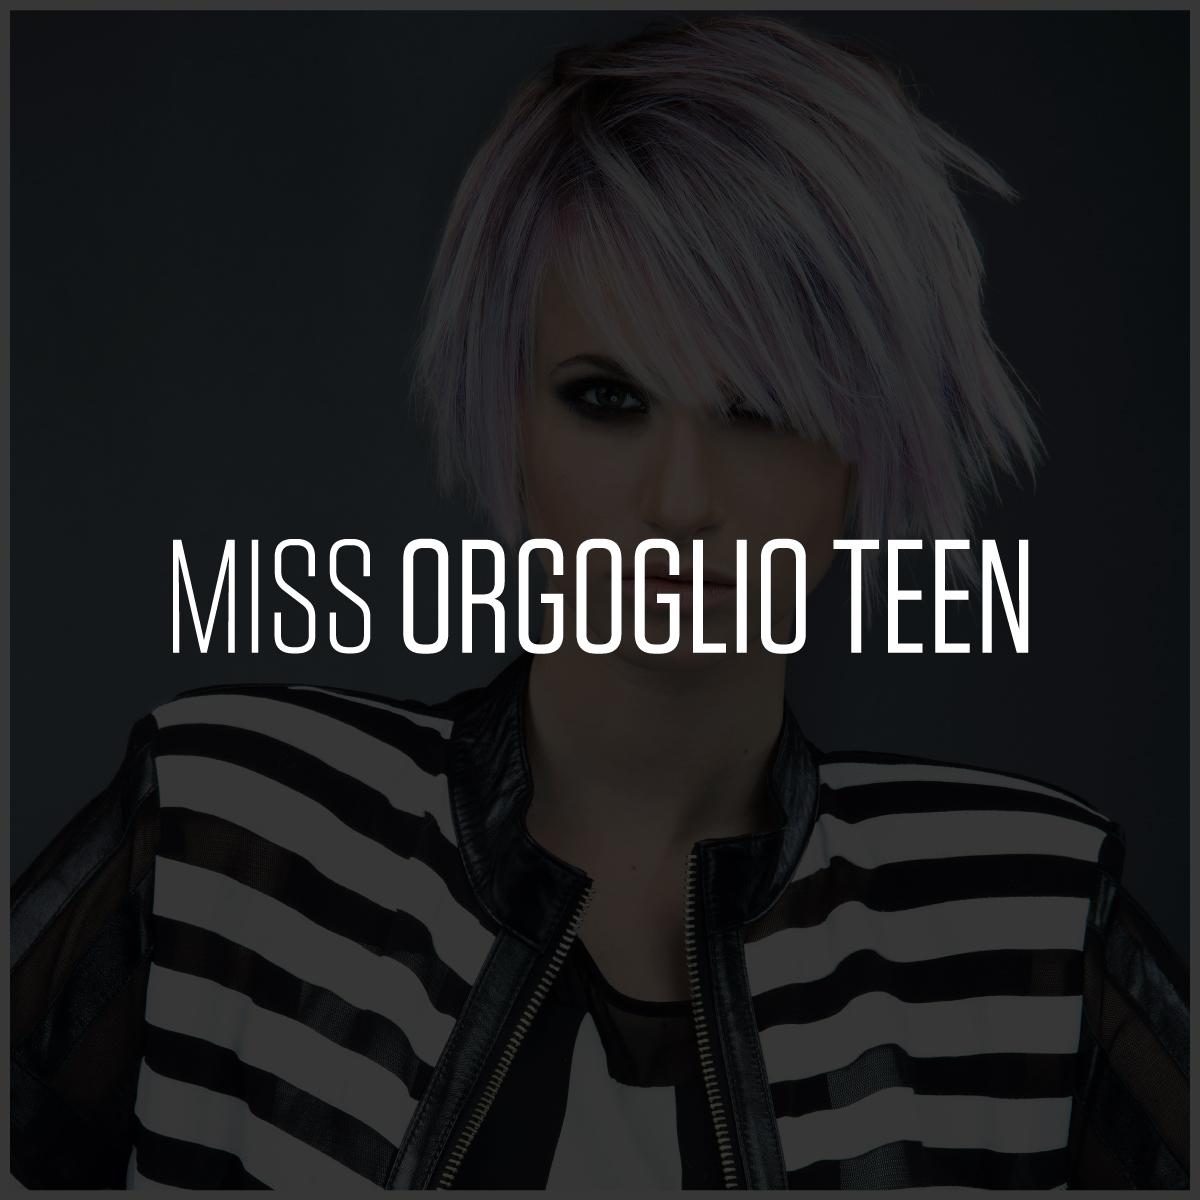 Miss Orgoglio Teen | Compagnia Della Bellezza | Collezione Miss l'era del coraggio | 2015